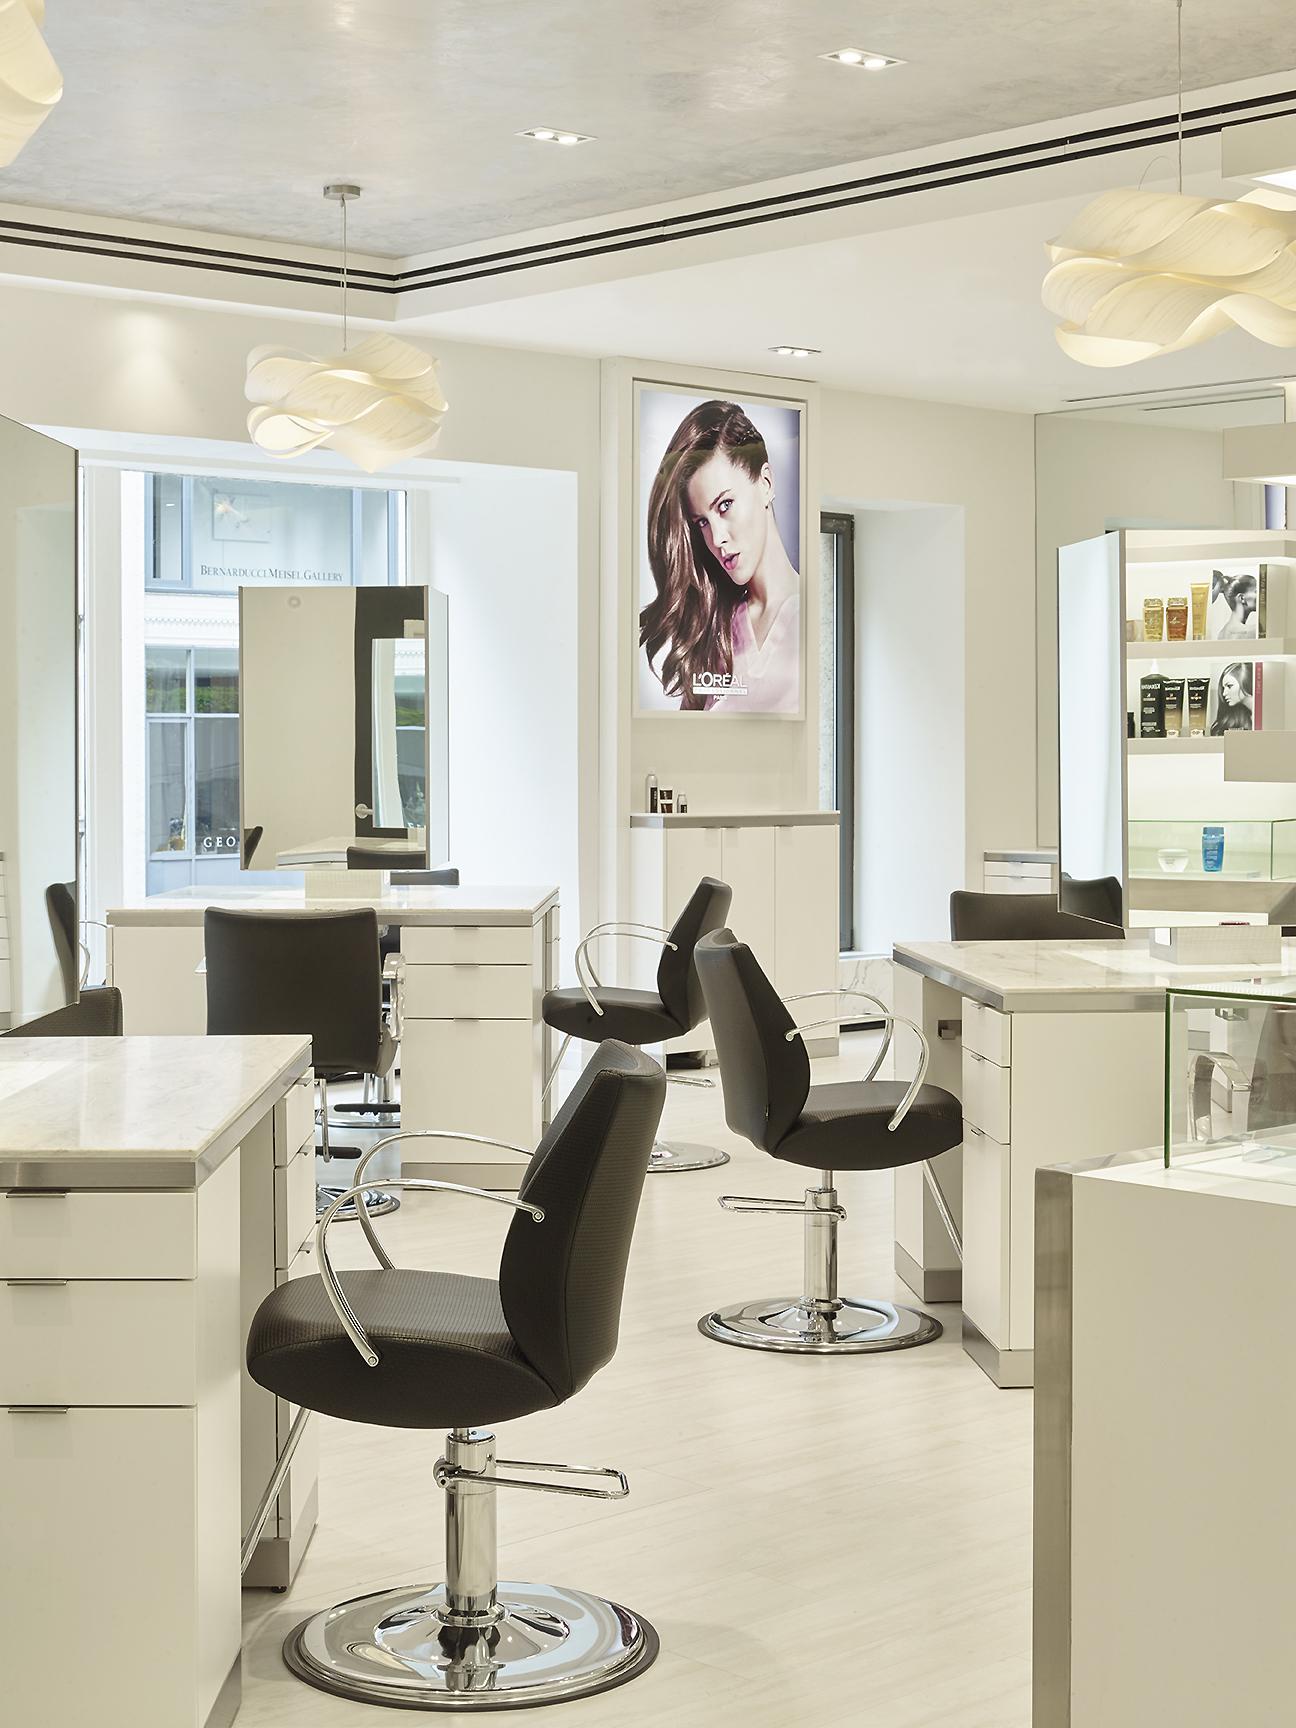 Salon Ziba_5.jpg